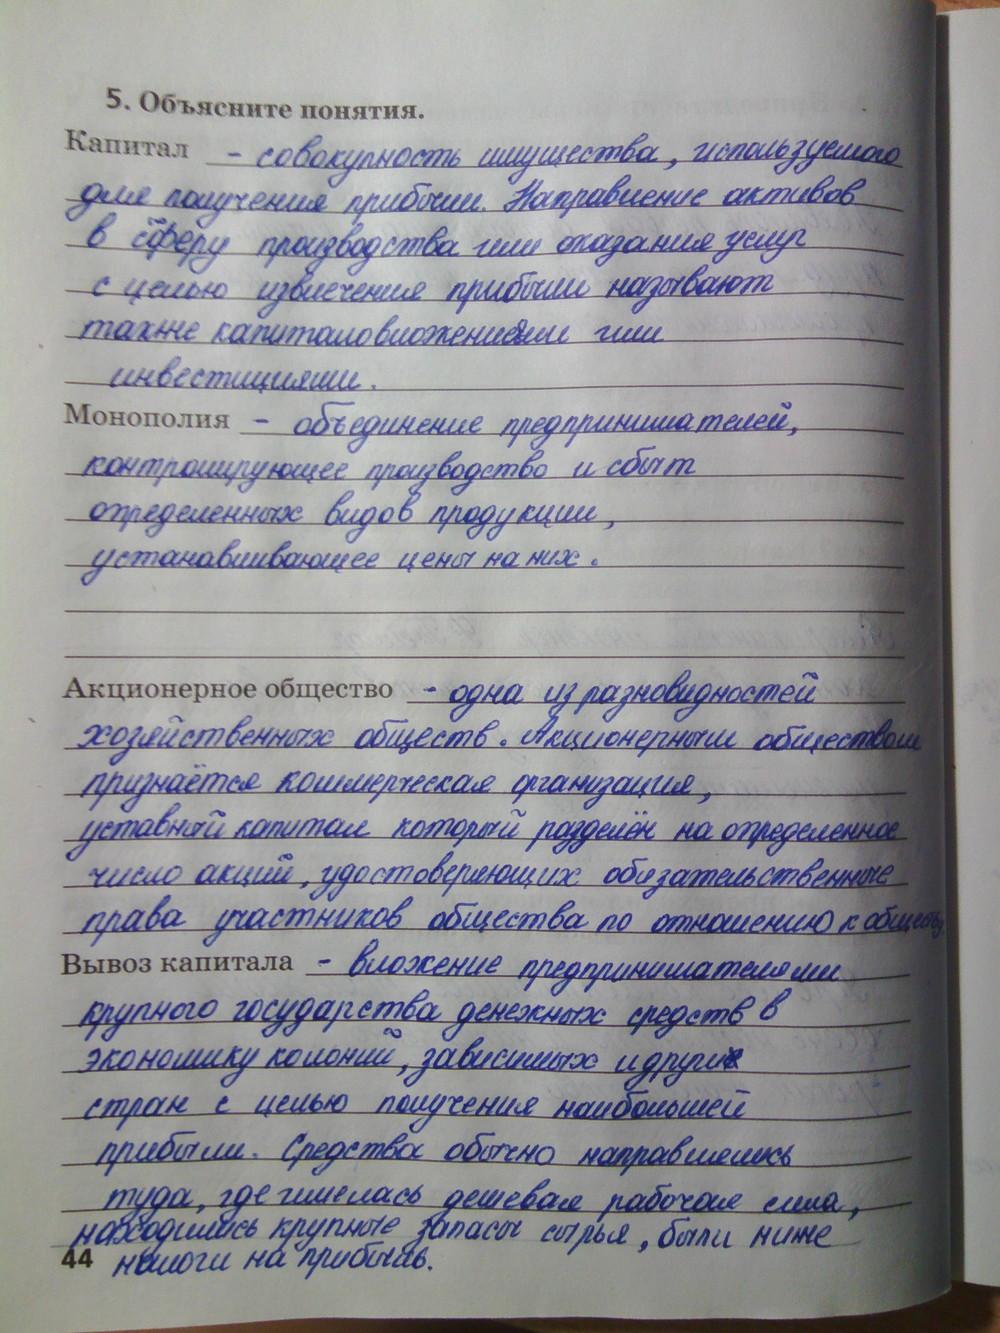 Ермакова сборнику гдз по в.